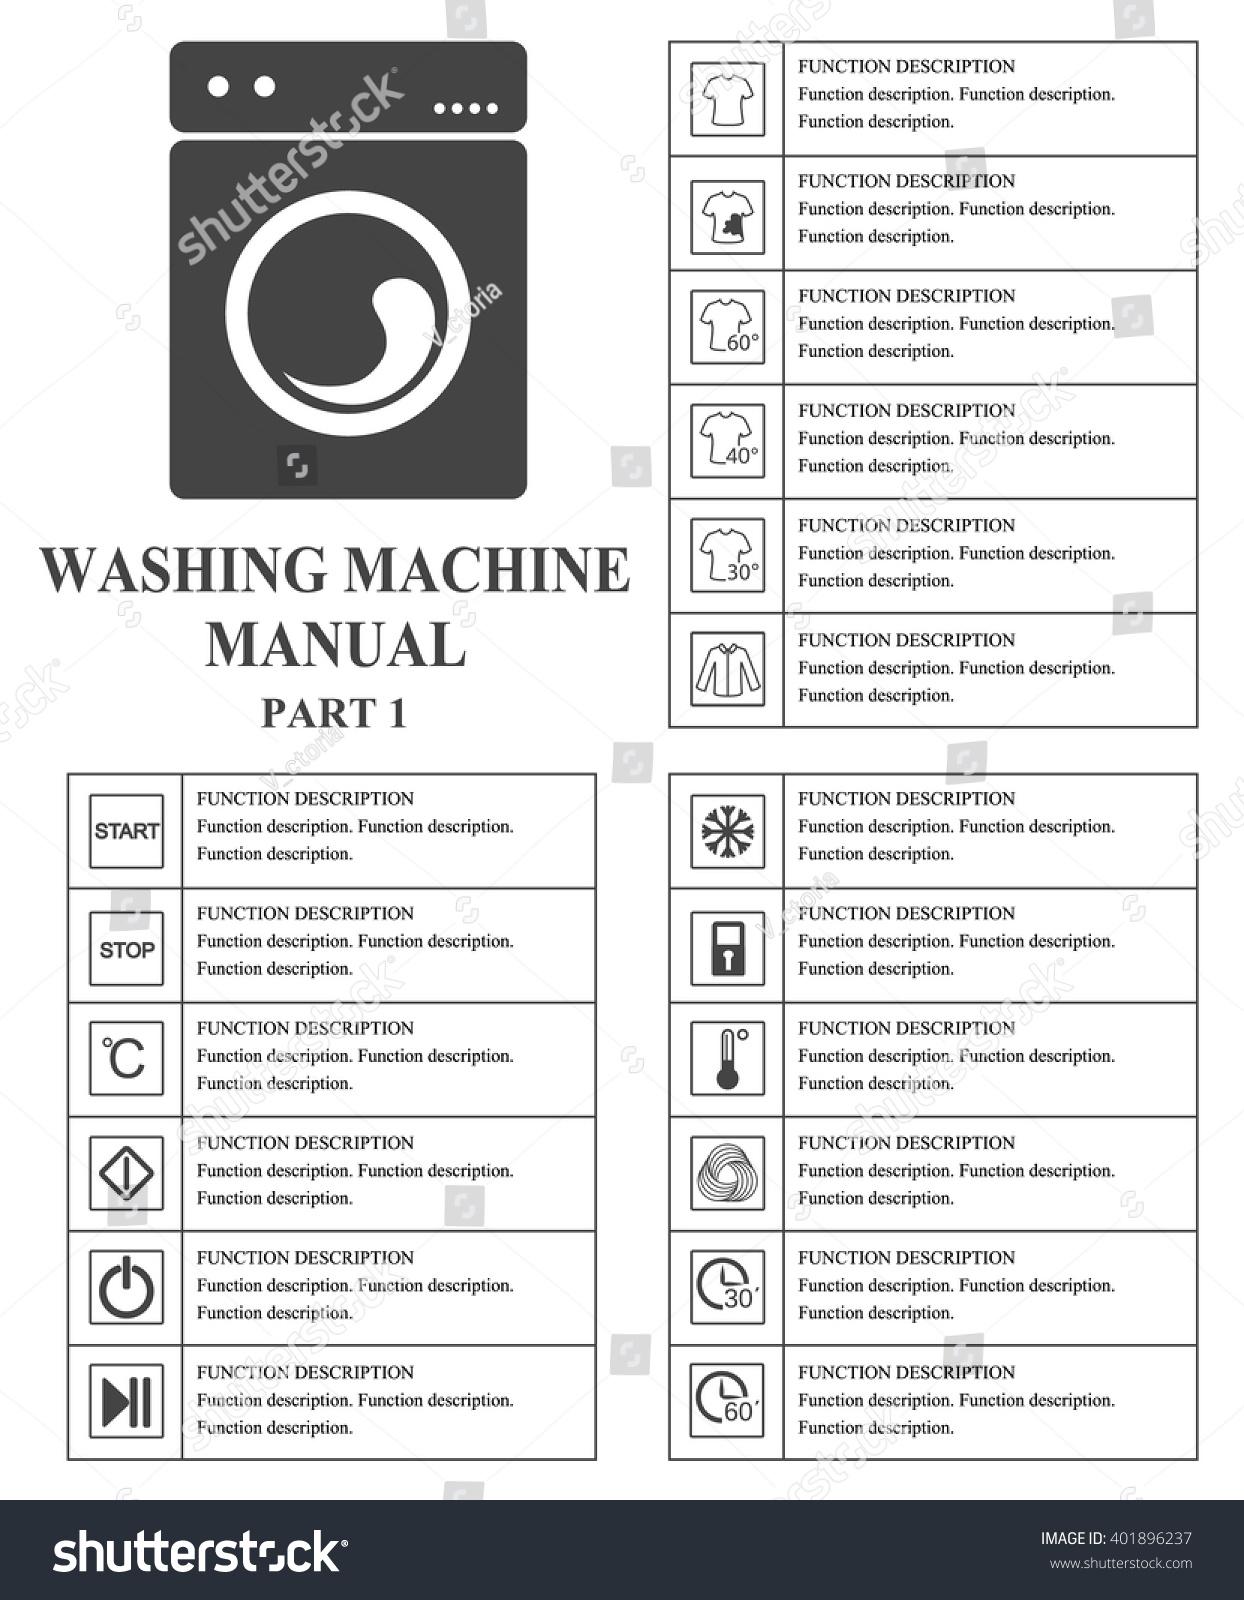 Oven manual symbols part 1 instructions stock vector 401896237 oven manual symbols part 1 instructions signs and symbols for washing machine exploitation manual buycottarizona Images